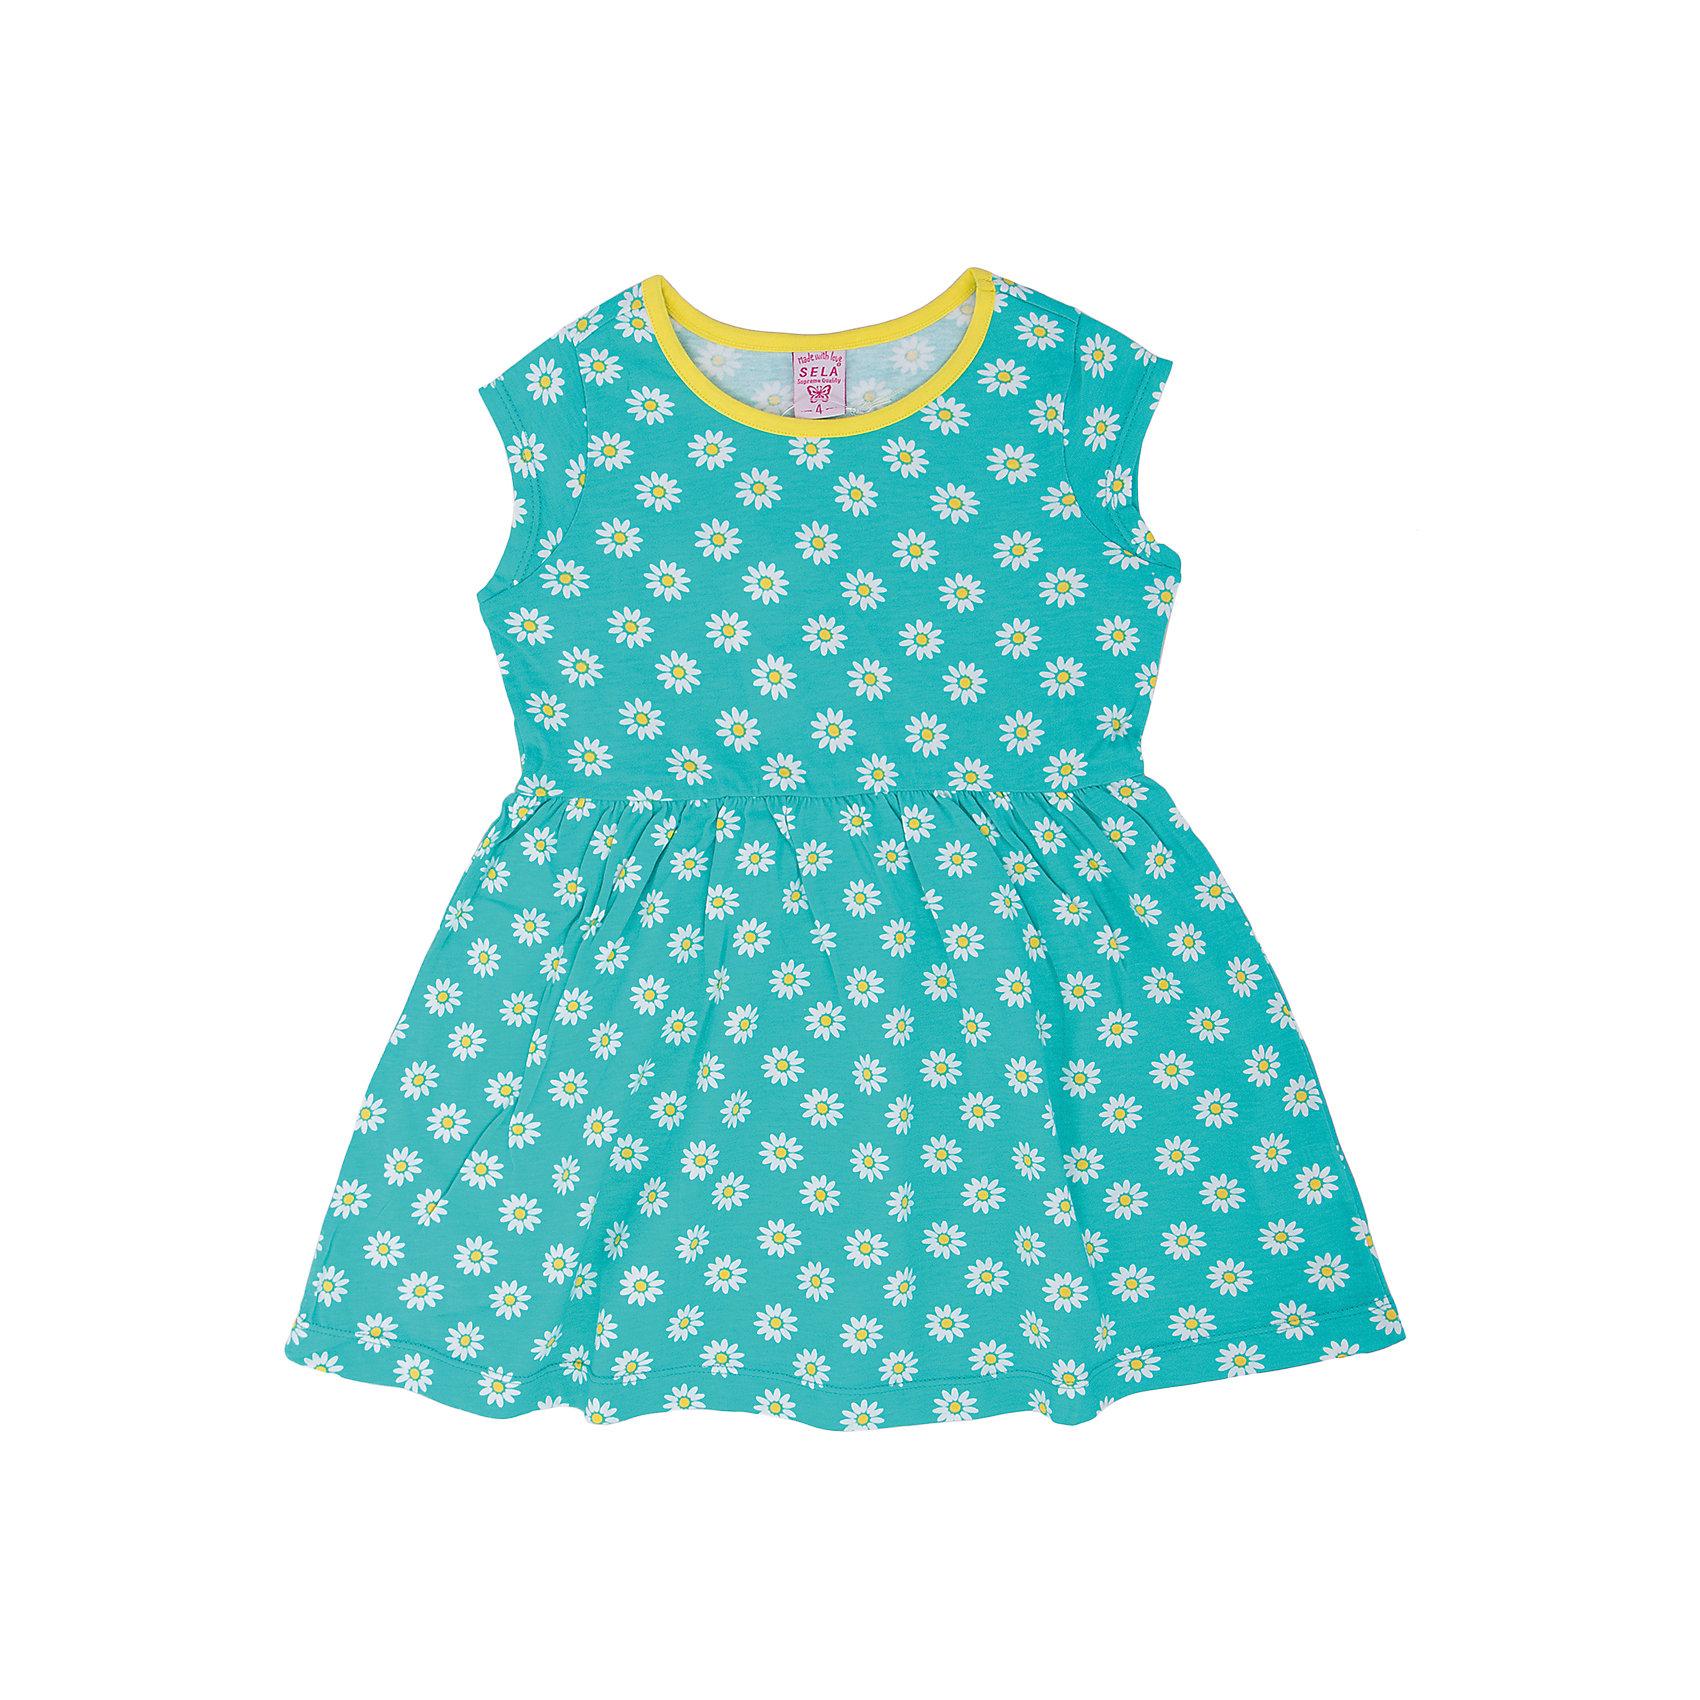 Платье для девочки SELAОчаровательное платье от известного бренда SELA - прекрасный вариант для юных модниц! Модель выполнена из натурального хлопка, прекрасно смотрится на фигуре и отлично пропускает воздух. Идеальный вариант для летнего гардероба девочки.<br><br>Дополнительная информация:<br><br>- Мягкий, приятный на ощупь материал. <br>- Округлый вырез горловины.<br>- Короткий рукав.<br>- Оригинальный принт.<br>- Покрой: прямой.<br>Состав: <br>- хлопок 100% .<br><br>Платье для девочки, SELA (Села), можно купить в нашем магазине.<br><br>Ширина мм: 236<br>Глубина мм: 16<br>Высота мм: 184<br>Вес г: 177<br>Цвет: голубой<br>Возраст от месяцев: 36<br>Возраст до месяцев: 48<br>Пол: Женский<br>Возраст: Детский<br>Размер: 104,110,98,116<br>SKU: 4741580